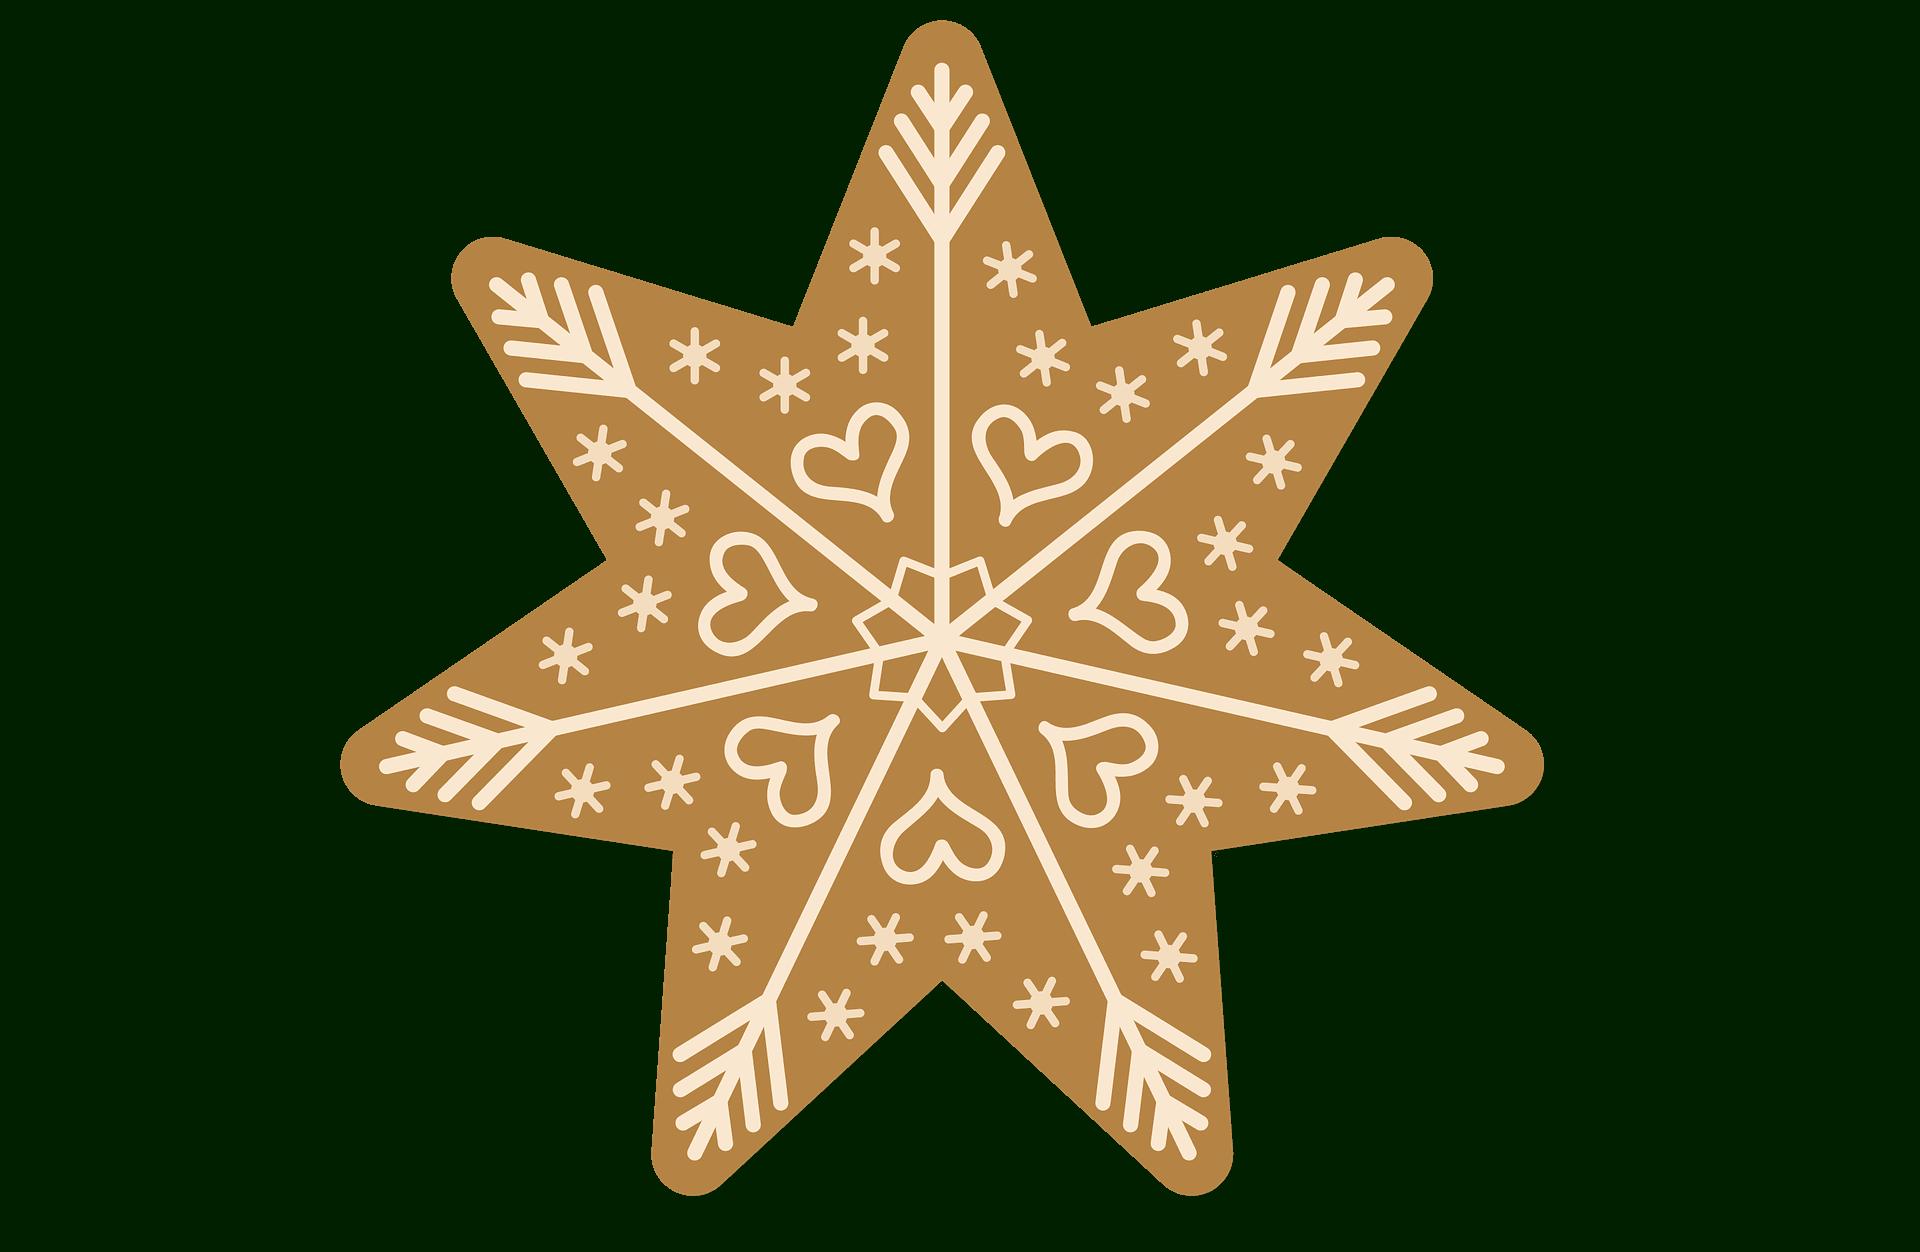 Aktion Ein Stern für dich - ein Stern für mich. Foto: Pixabay